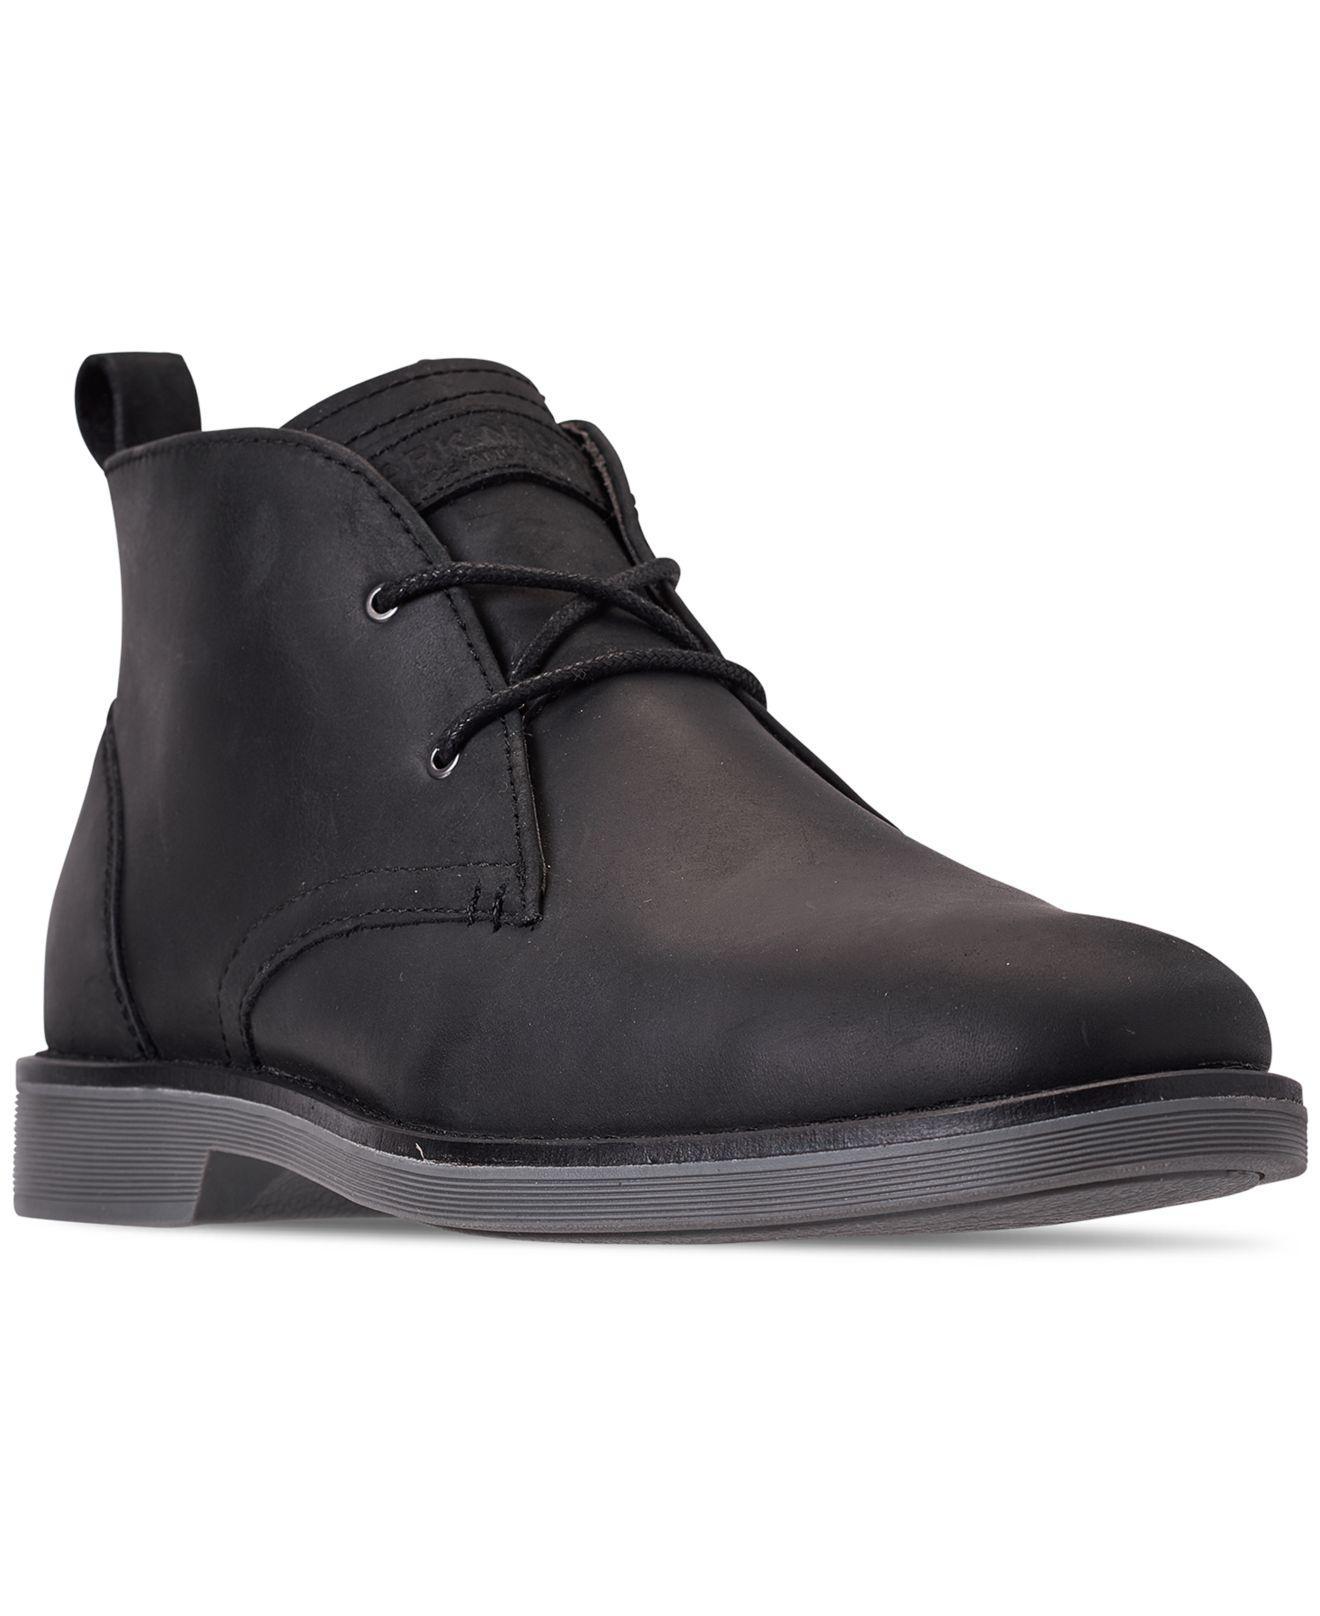 40e946a60b3 Lyst - Mark Nason Lp - Innersleeve Casual Chukka Boots From Finish ...